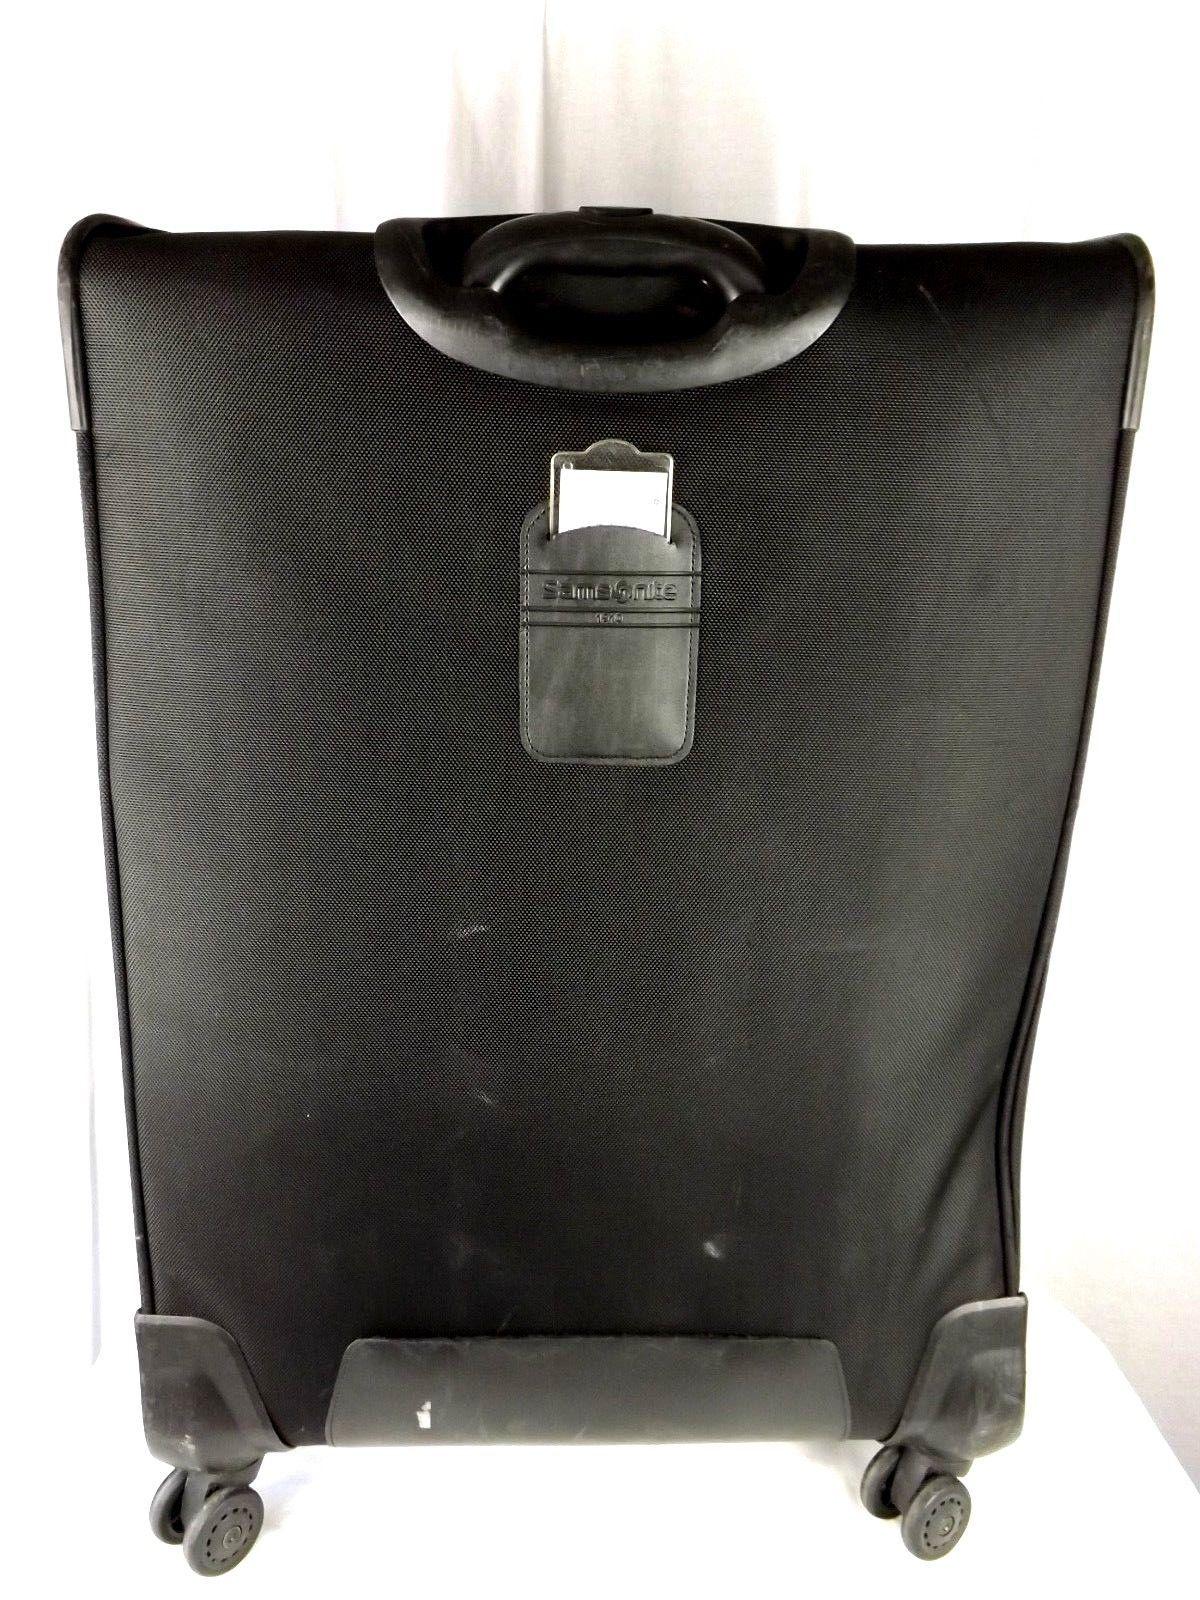 """Samsonite 1910.... 29"""" Expandable Spinner Upright Suitcase Luggage - Black image 4"""